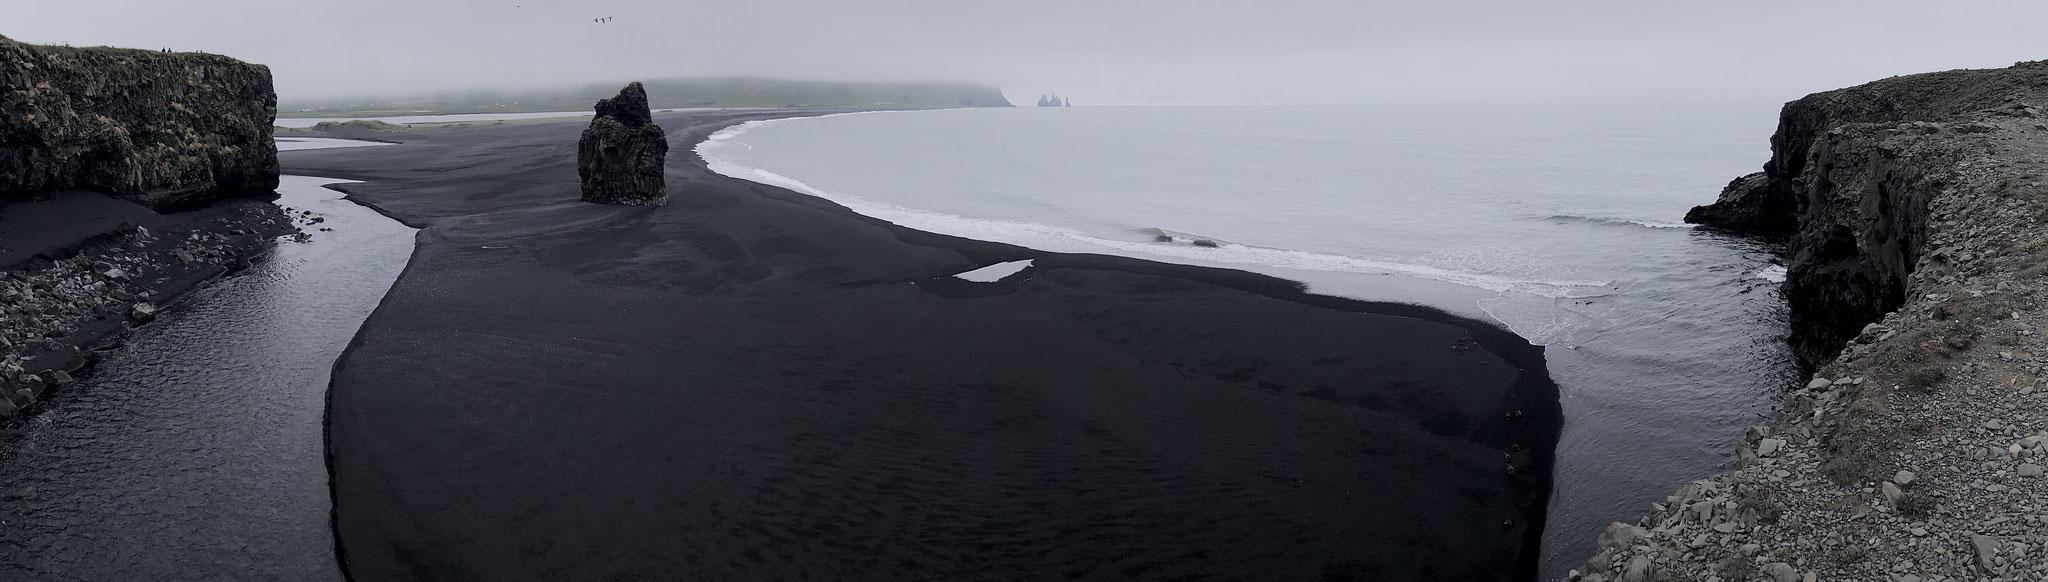 Dyrhólaey view to Reynisfjara, Iceland (July 2019)